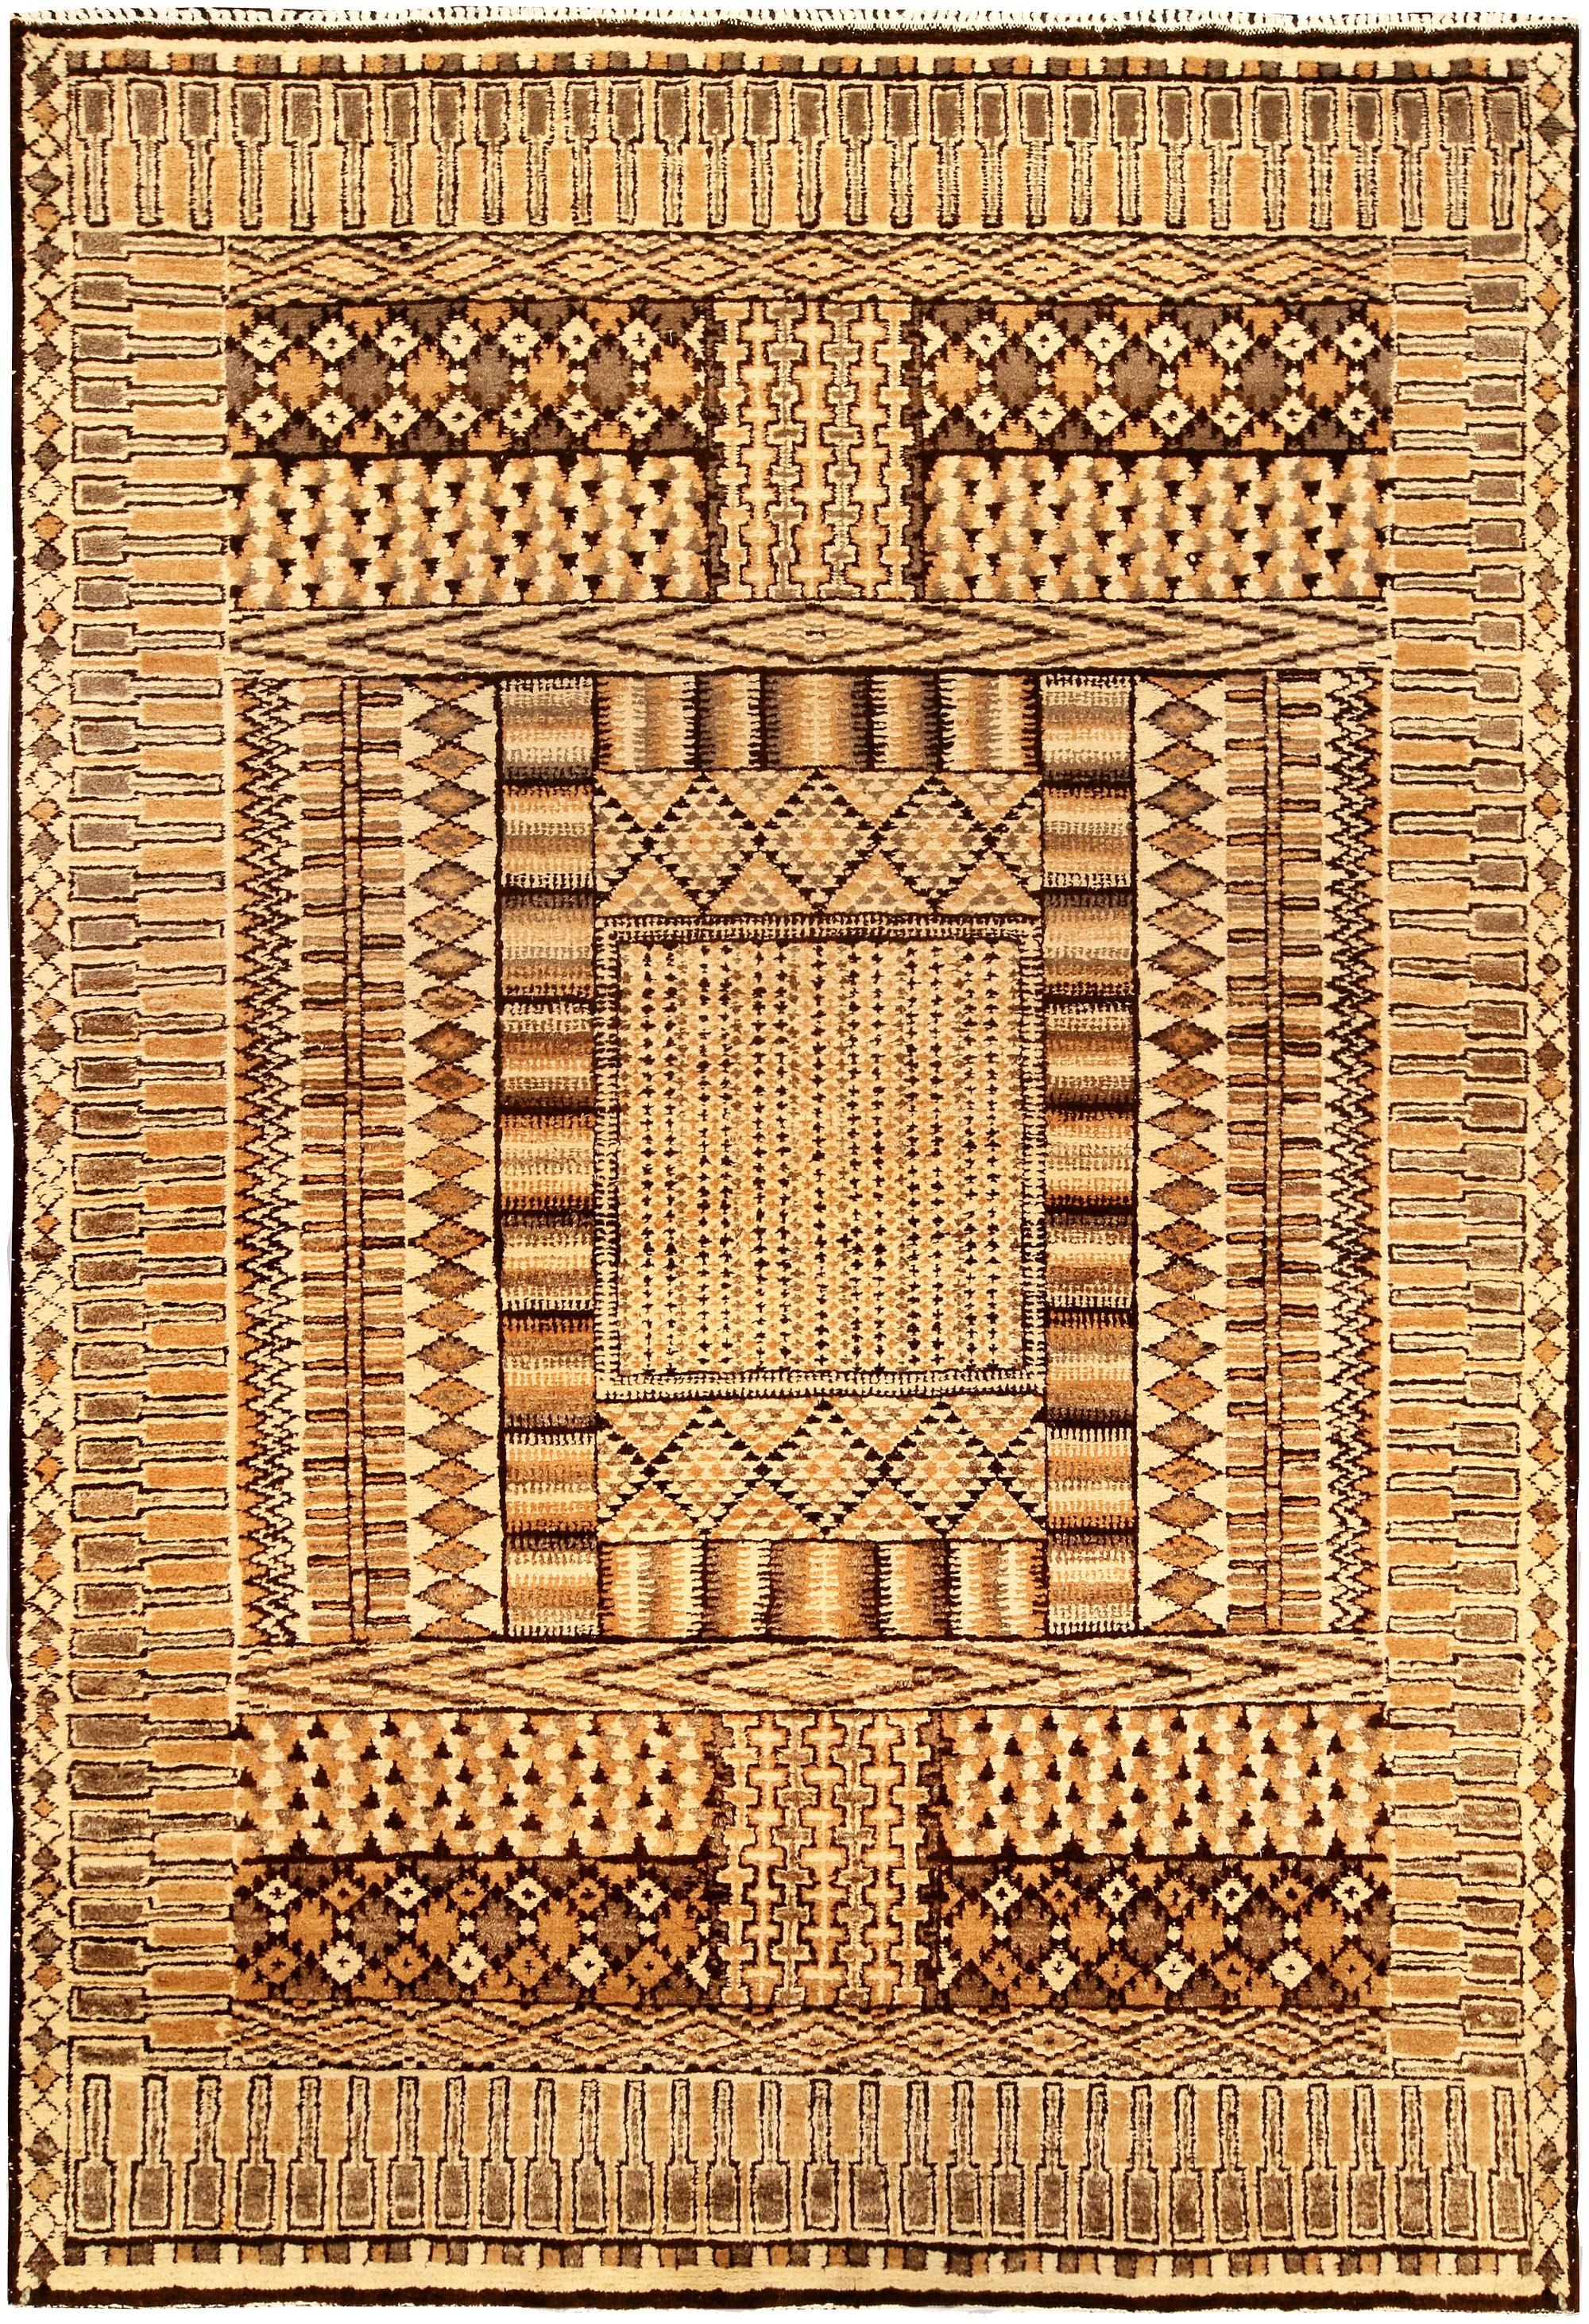 Vintage Moroccan Rug Bb4348 By Doris Leslie Blau